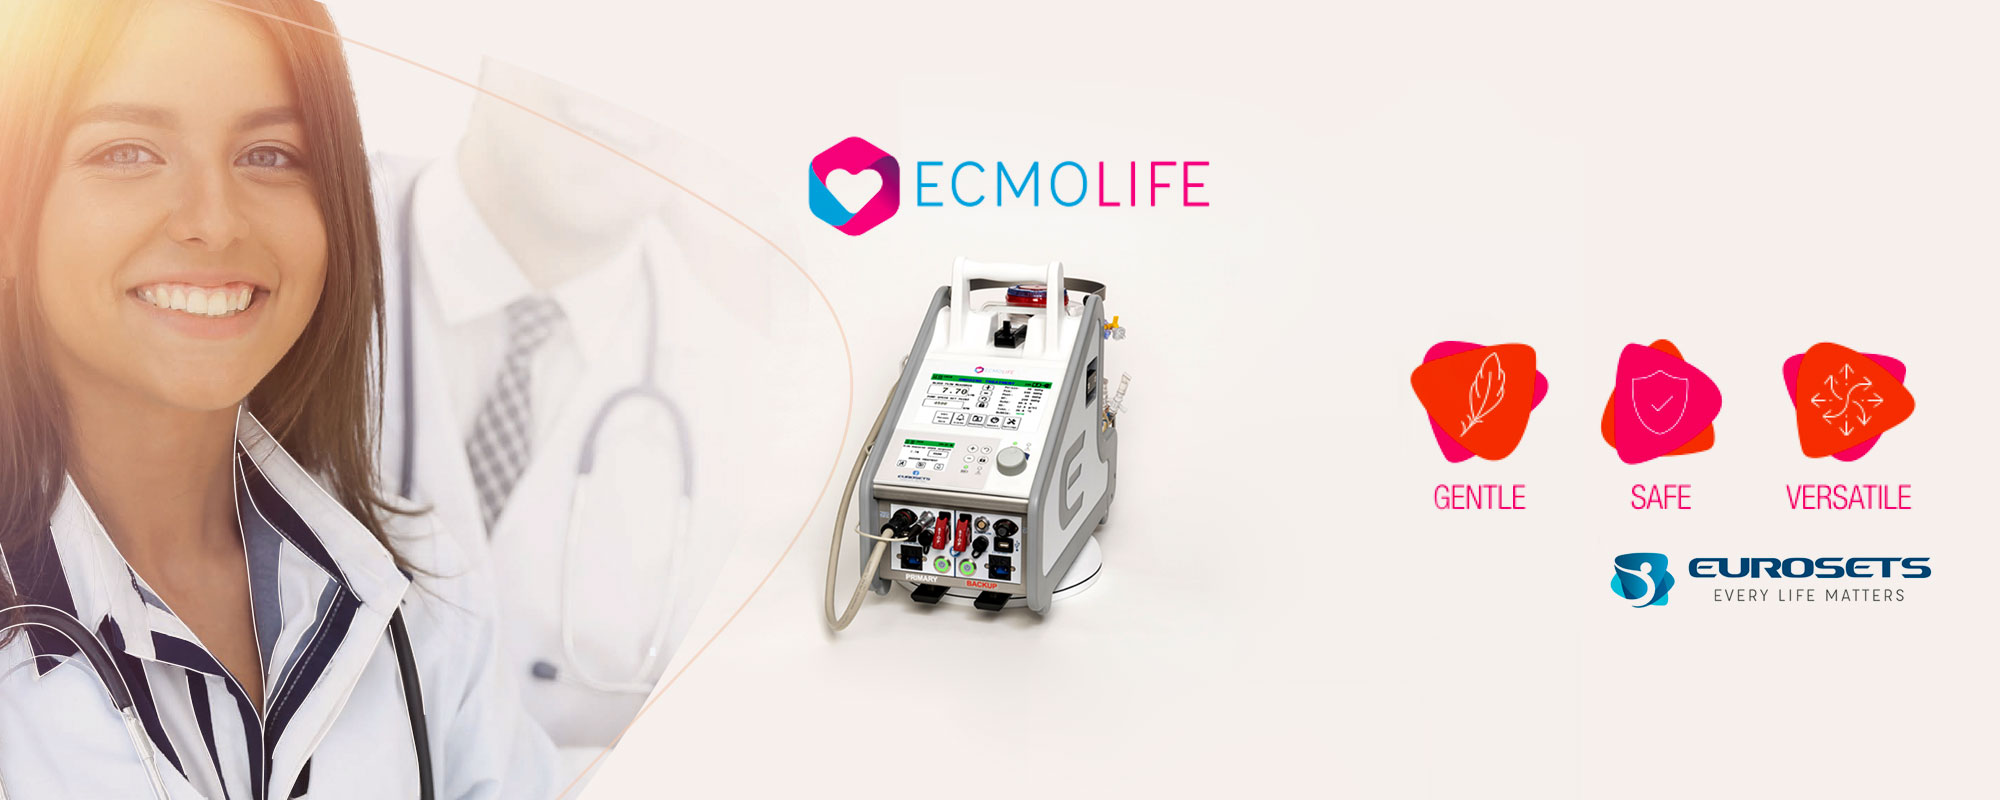 Eurosets annuncia il lancio sul mercato di ECMOlife, innovativo sistema portatile di supporto del cuore e del polmone attraverso la circolazione extracorporea